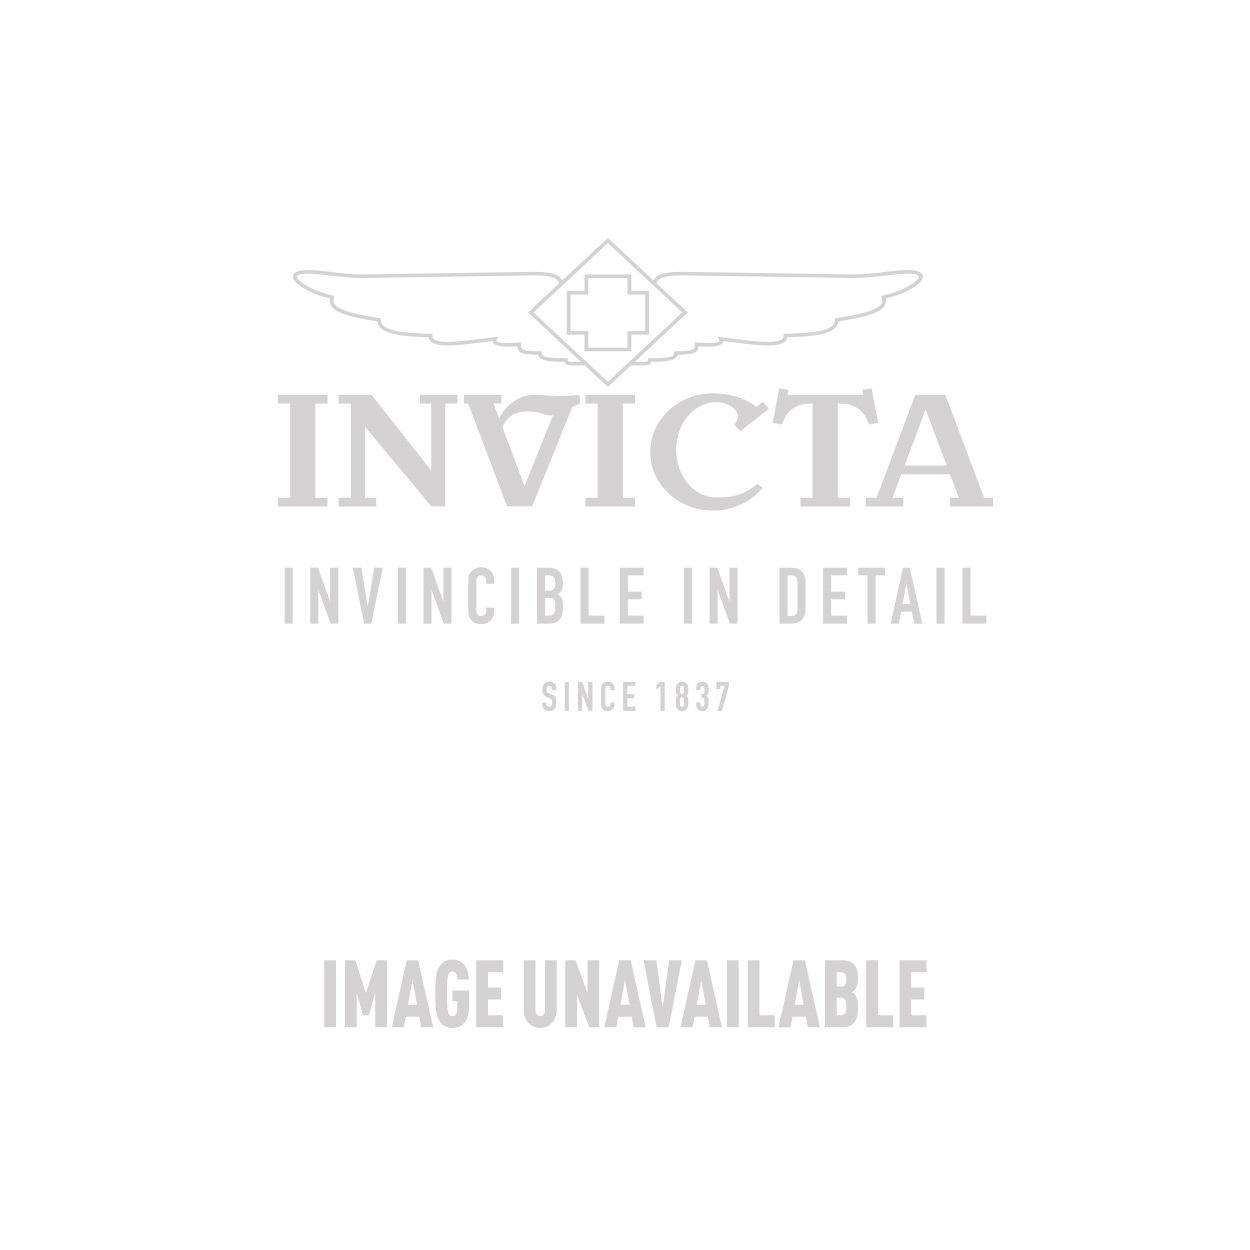 Invicta Speedway Quartz Watch - Gold, Stainless Steel case with Steel, Gold tone Stainless Steel band - Model 18392